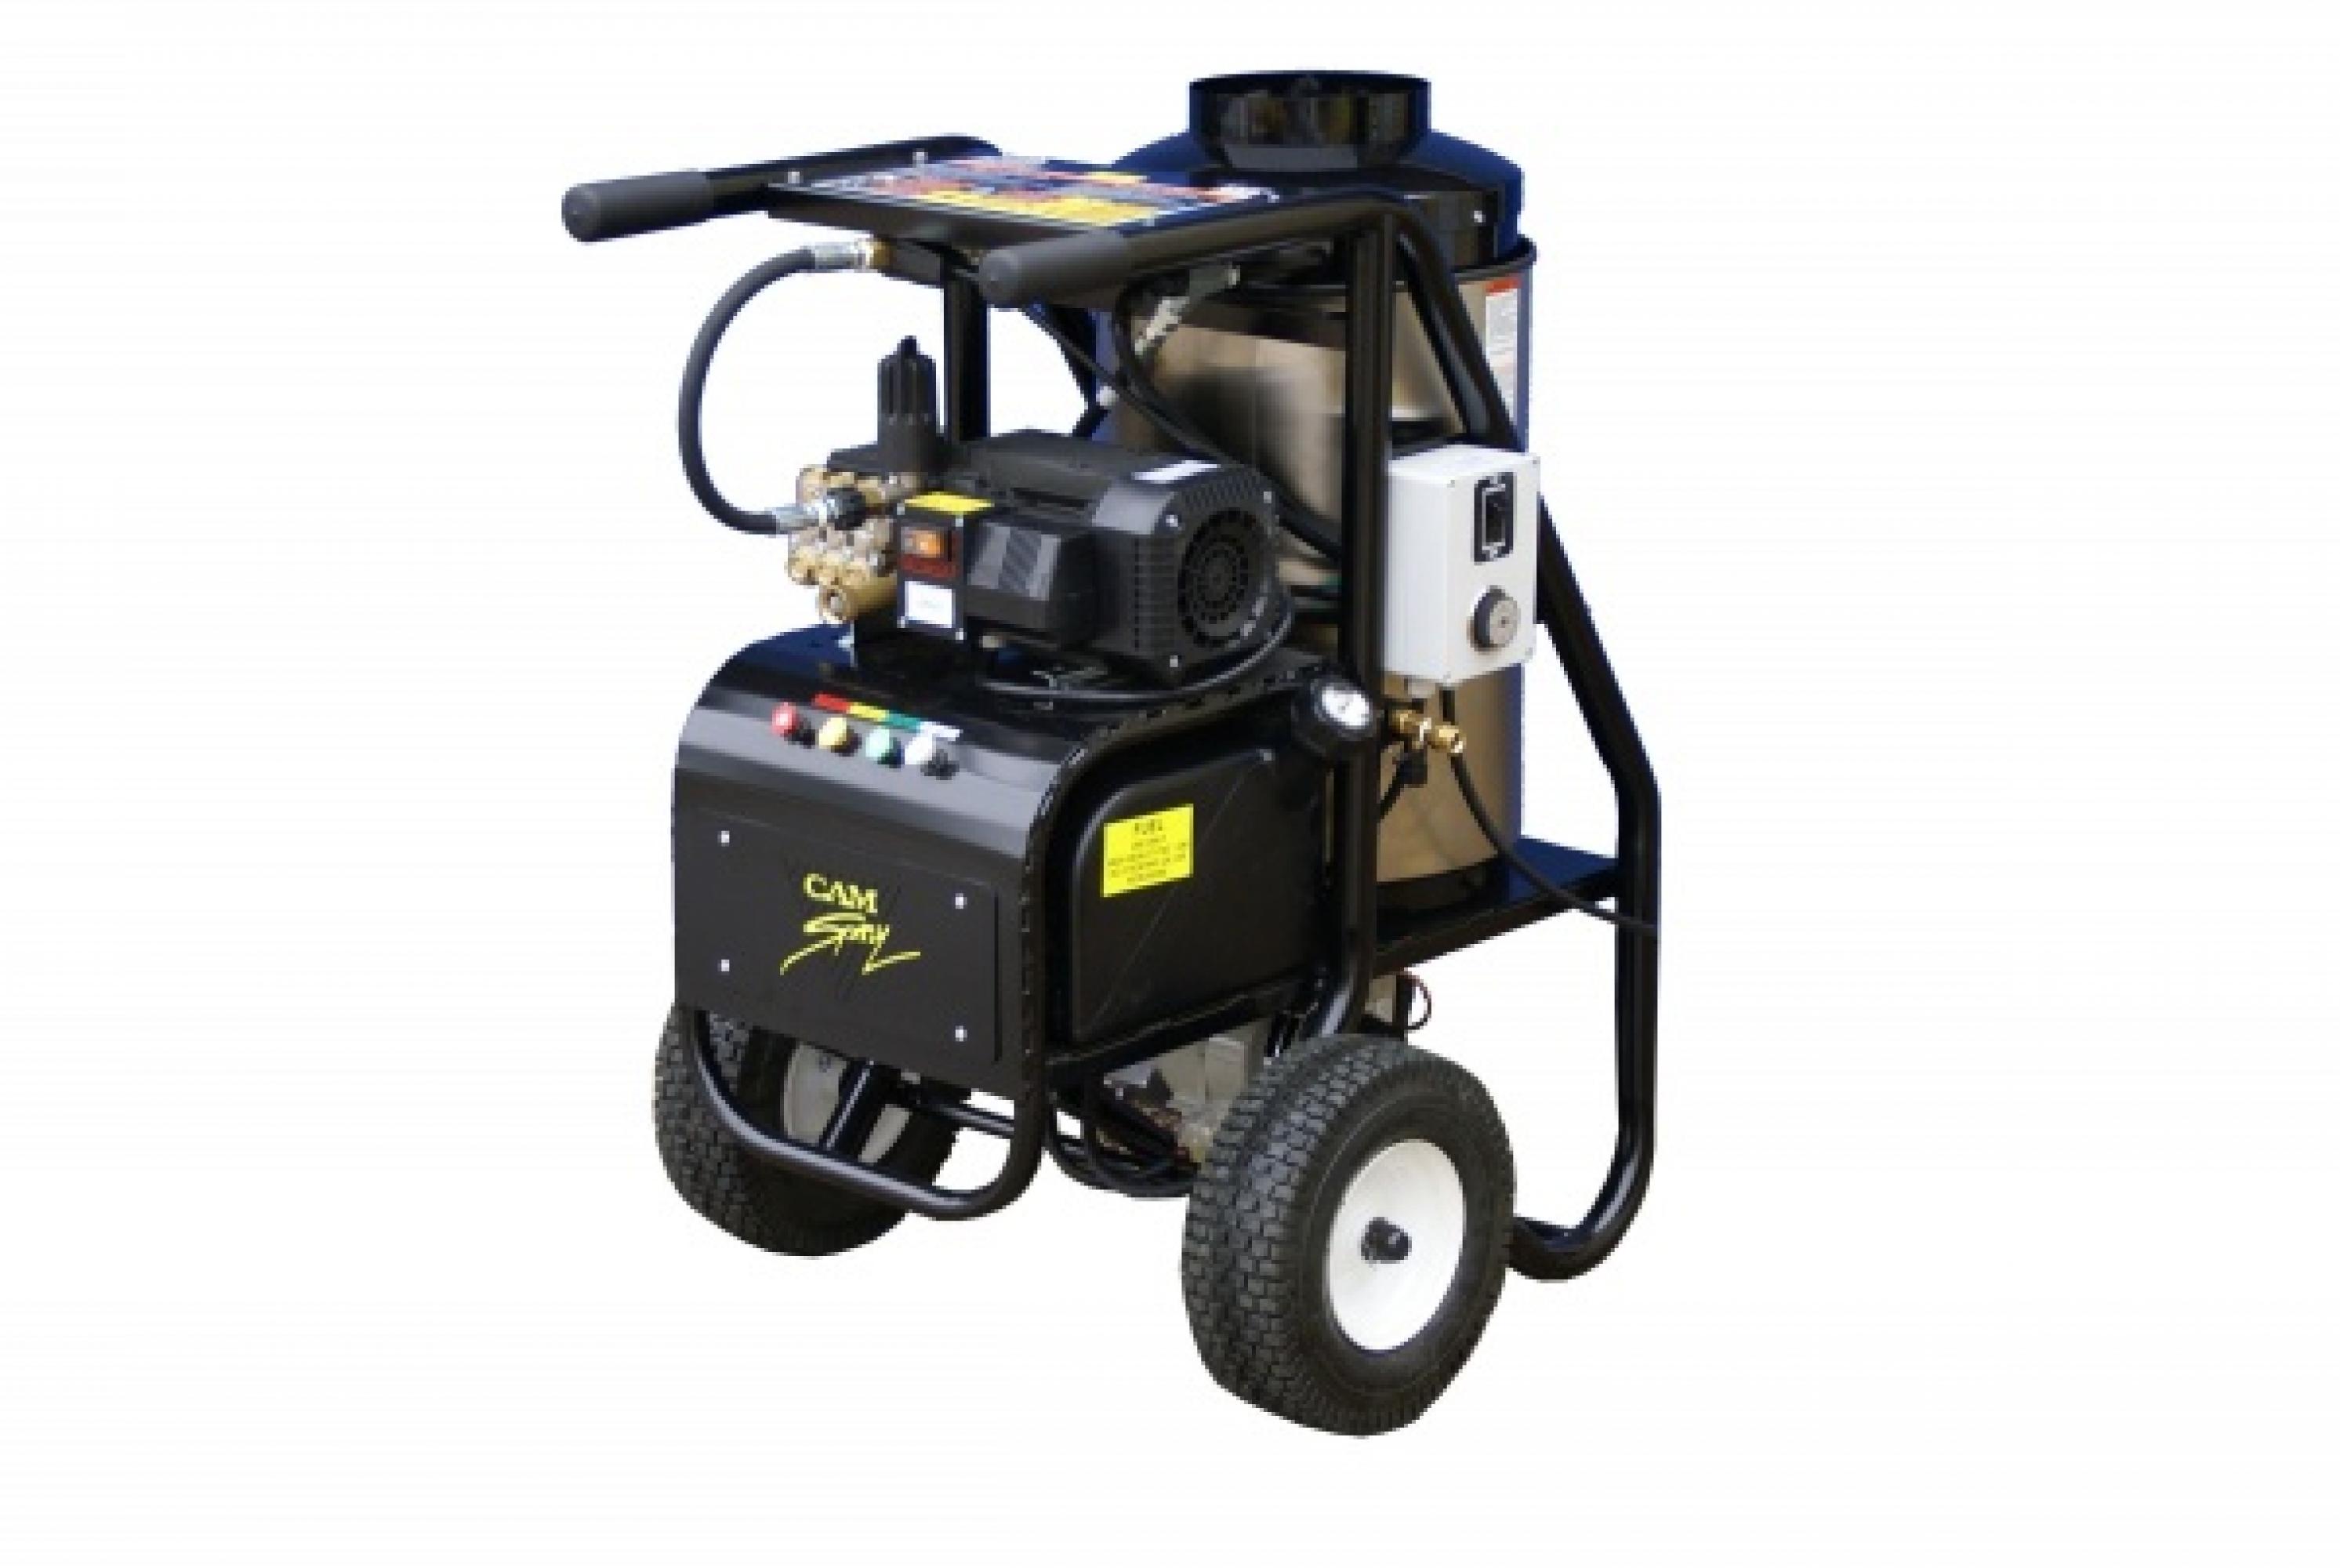 Sh Series Electric Hot Water Pressure Washer Diesel